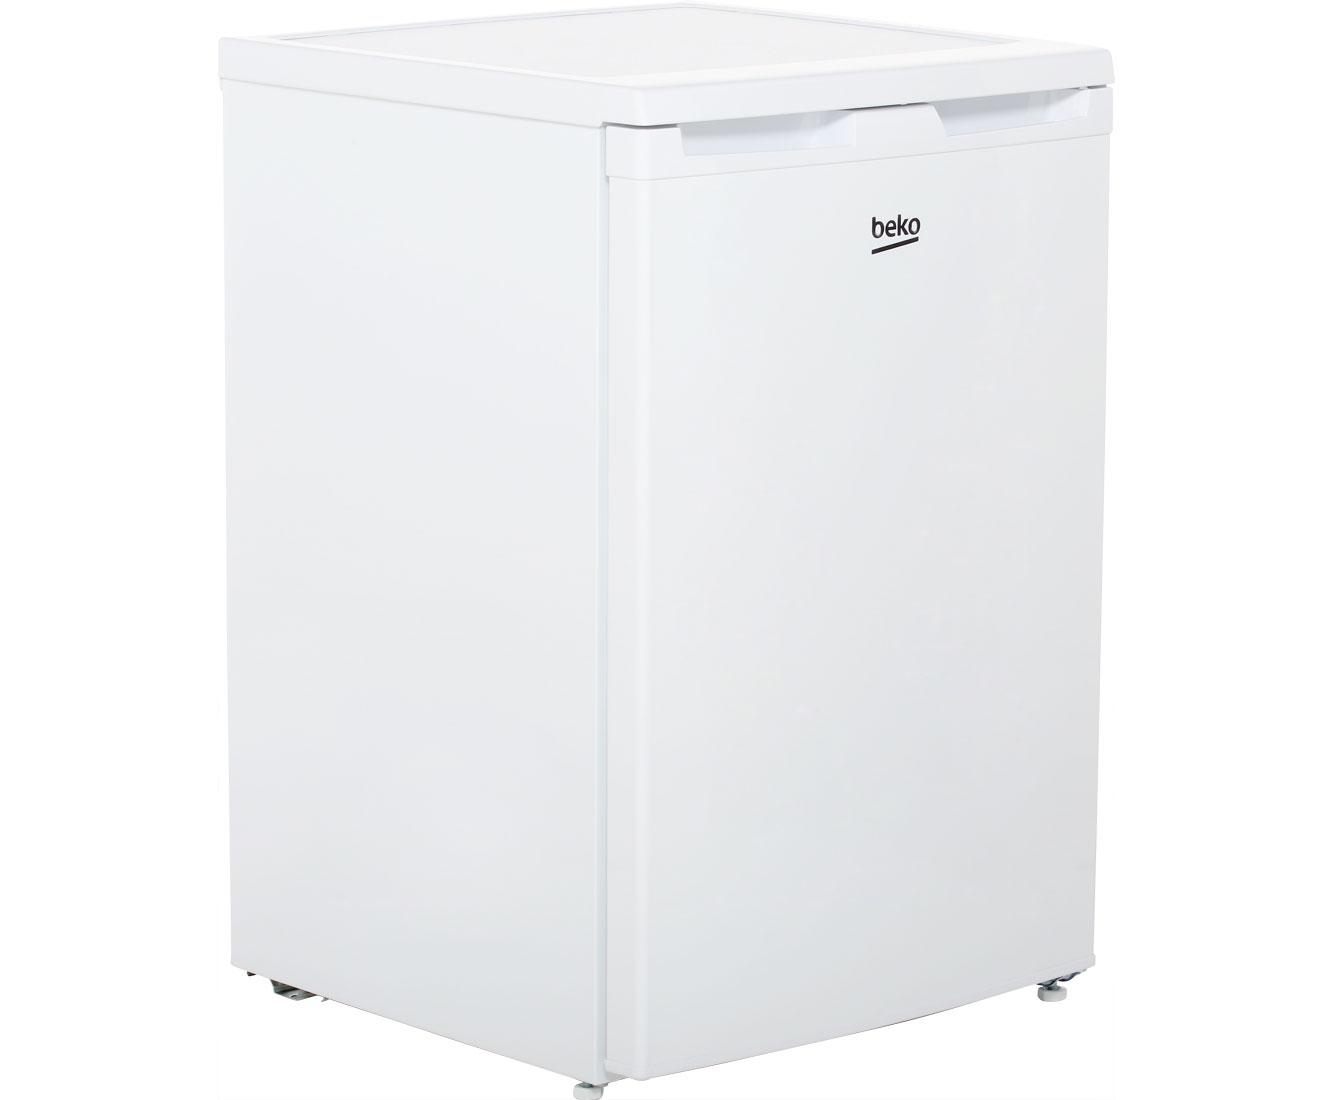 Amerikanischer Kühlschrank Maße : Maße kühlschrank haier side by side kühlschrank günstige